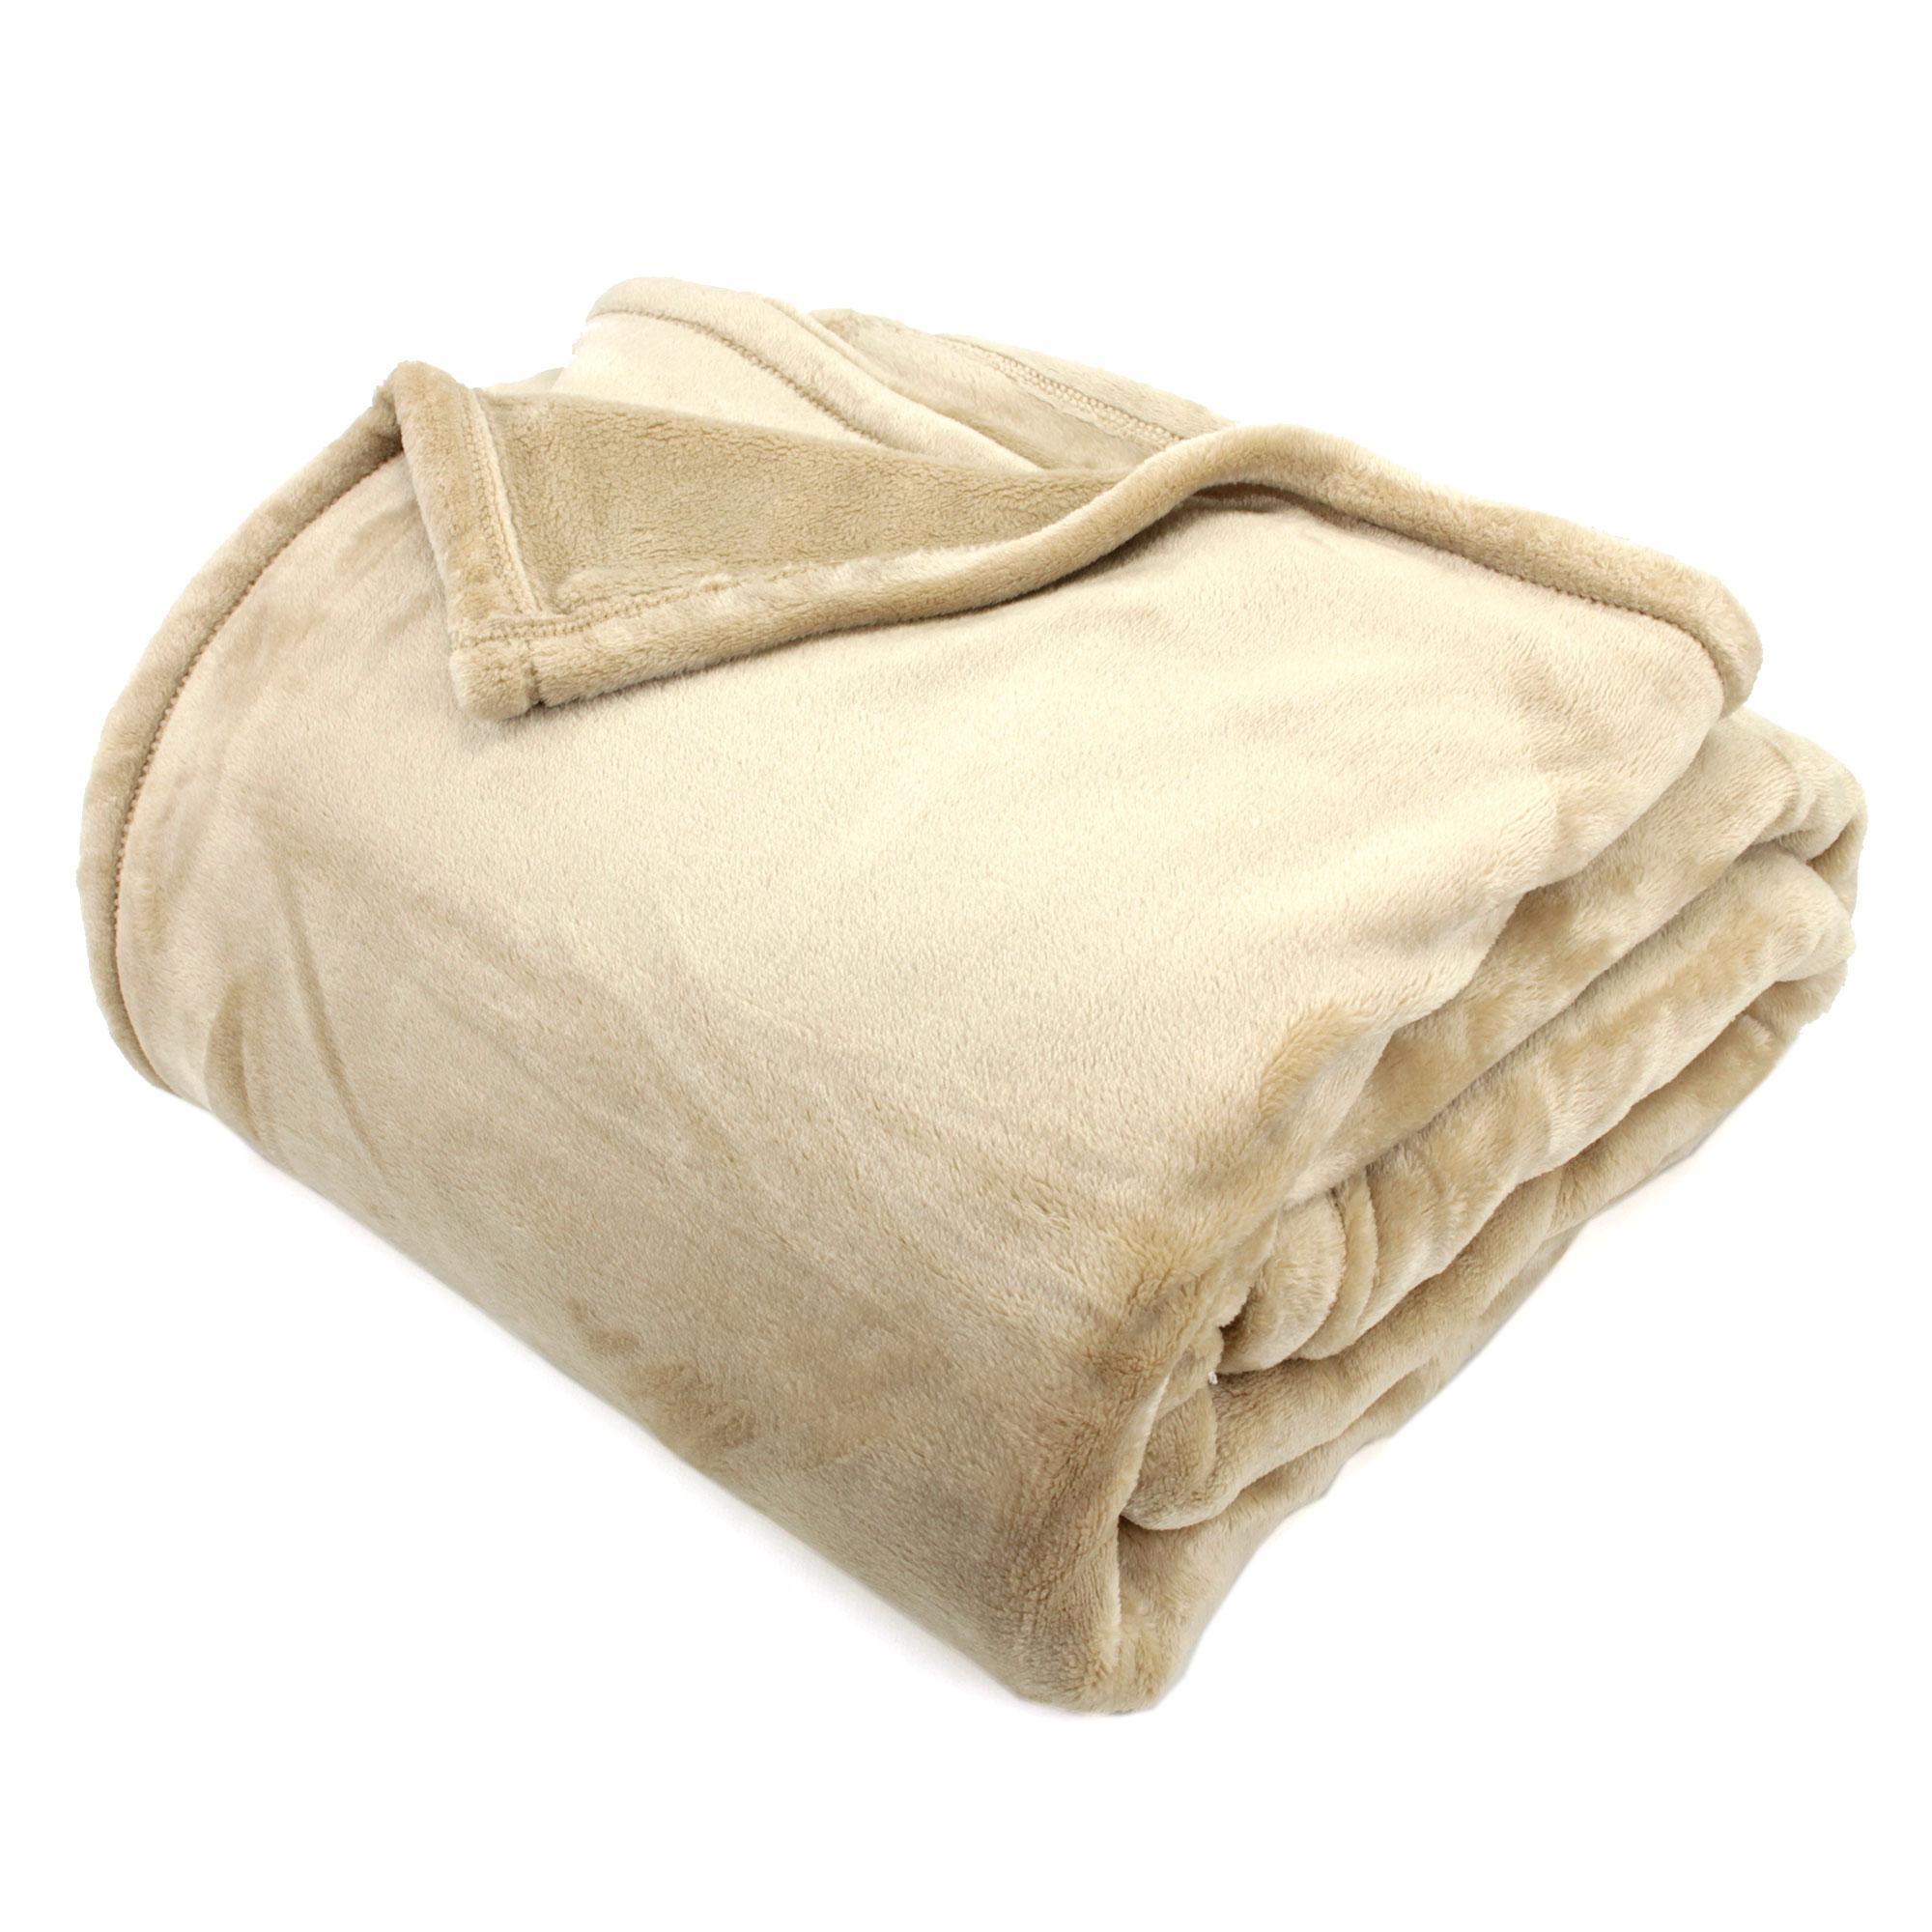 couverture microfibre 220x240 cm velvet beige linnea. Black Bedroom Furniture Sets. Home Design Ideas